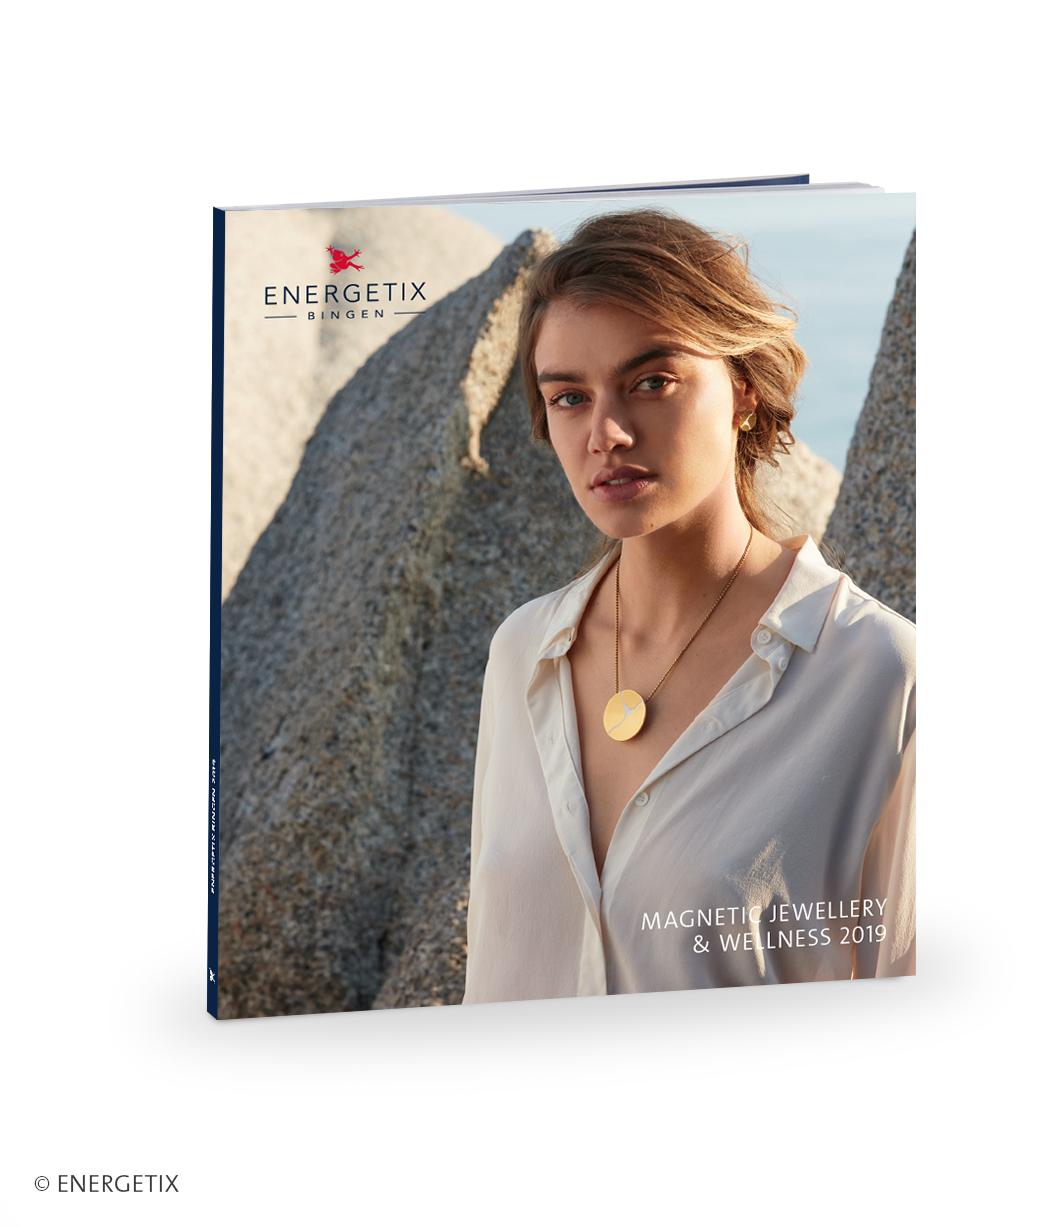 Afbeelding brochure Energetix nieuwe collectie 2019